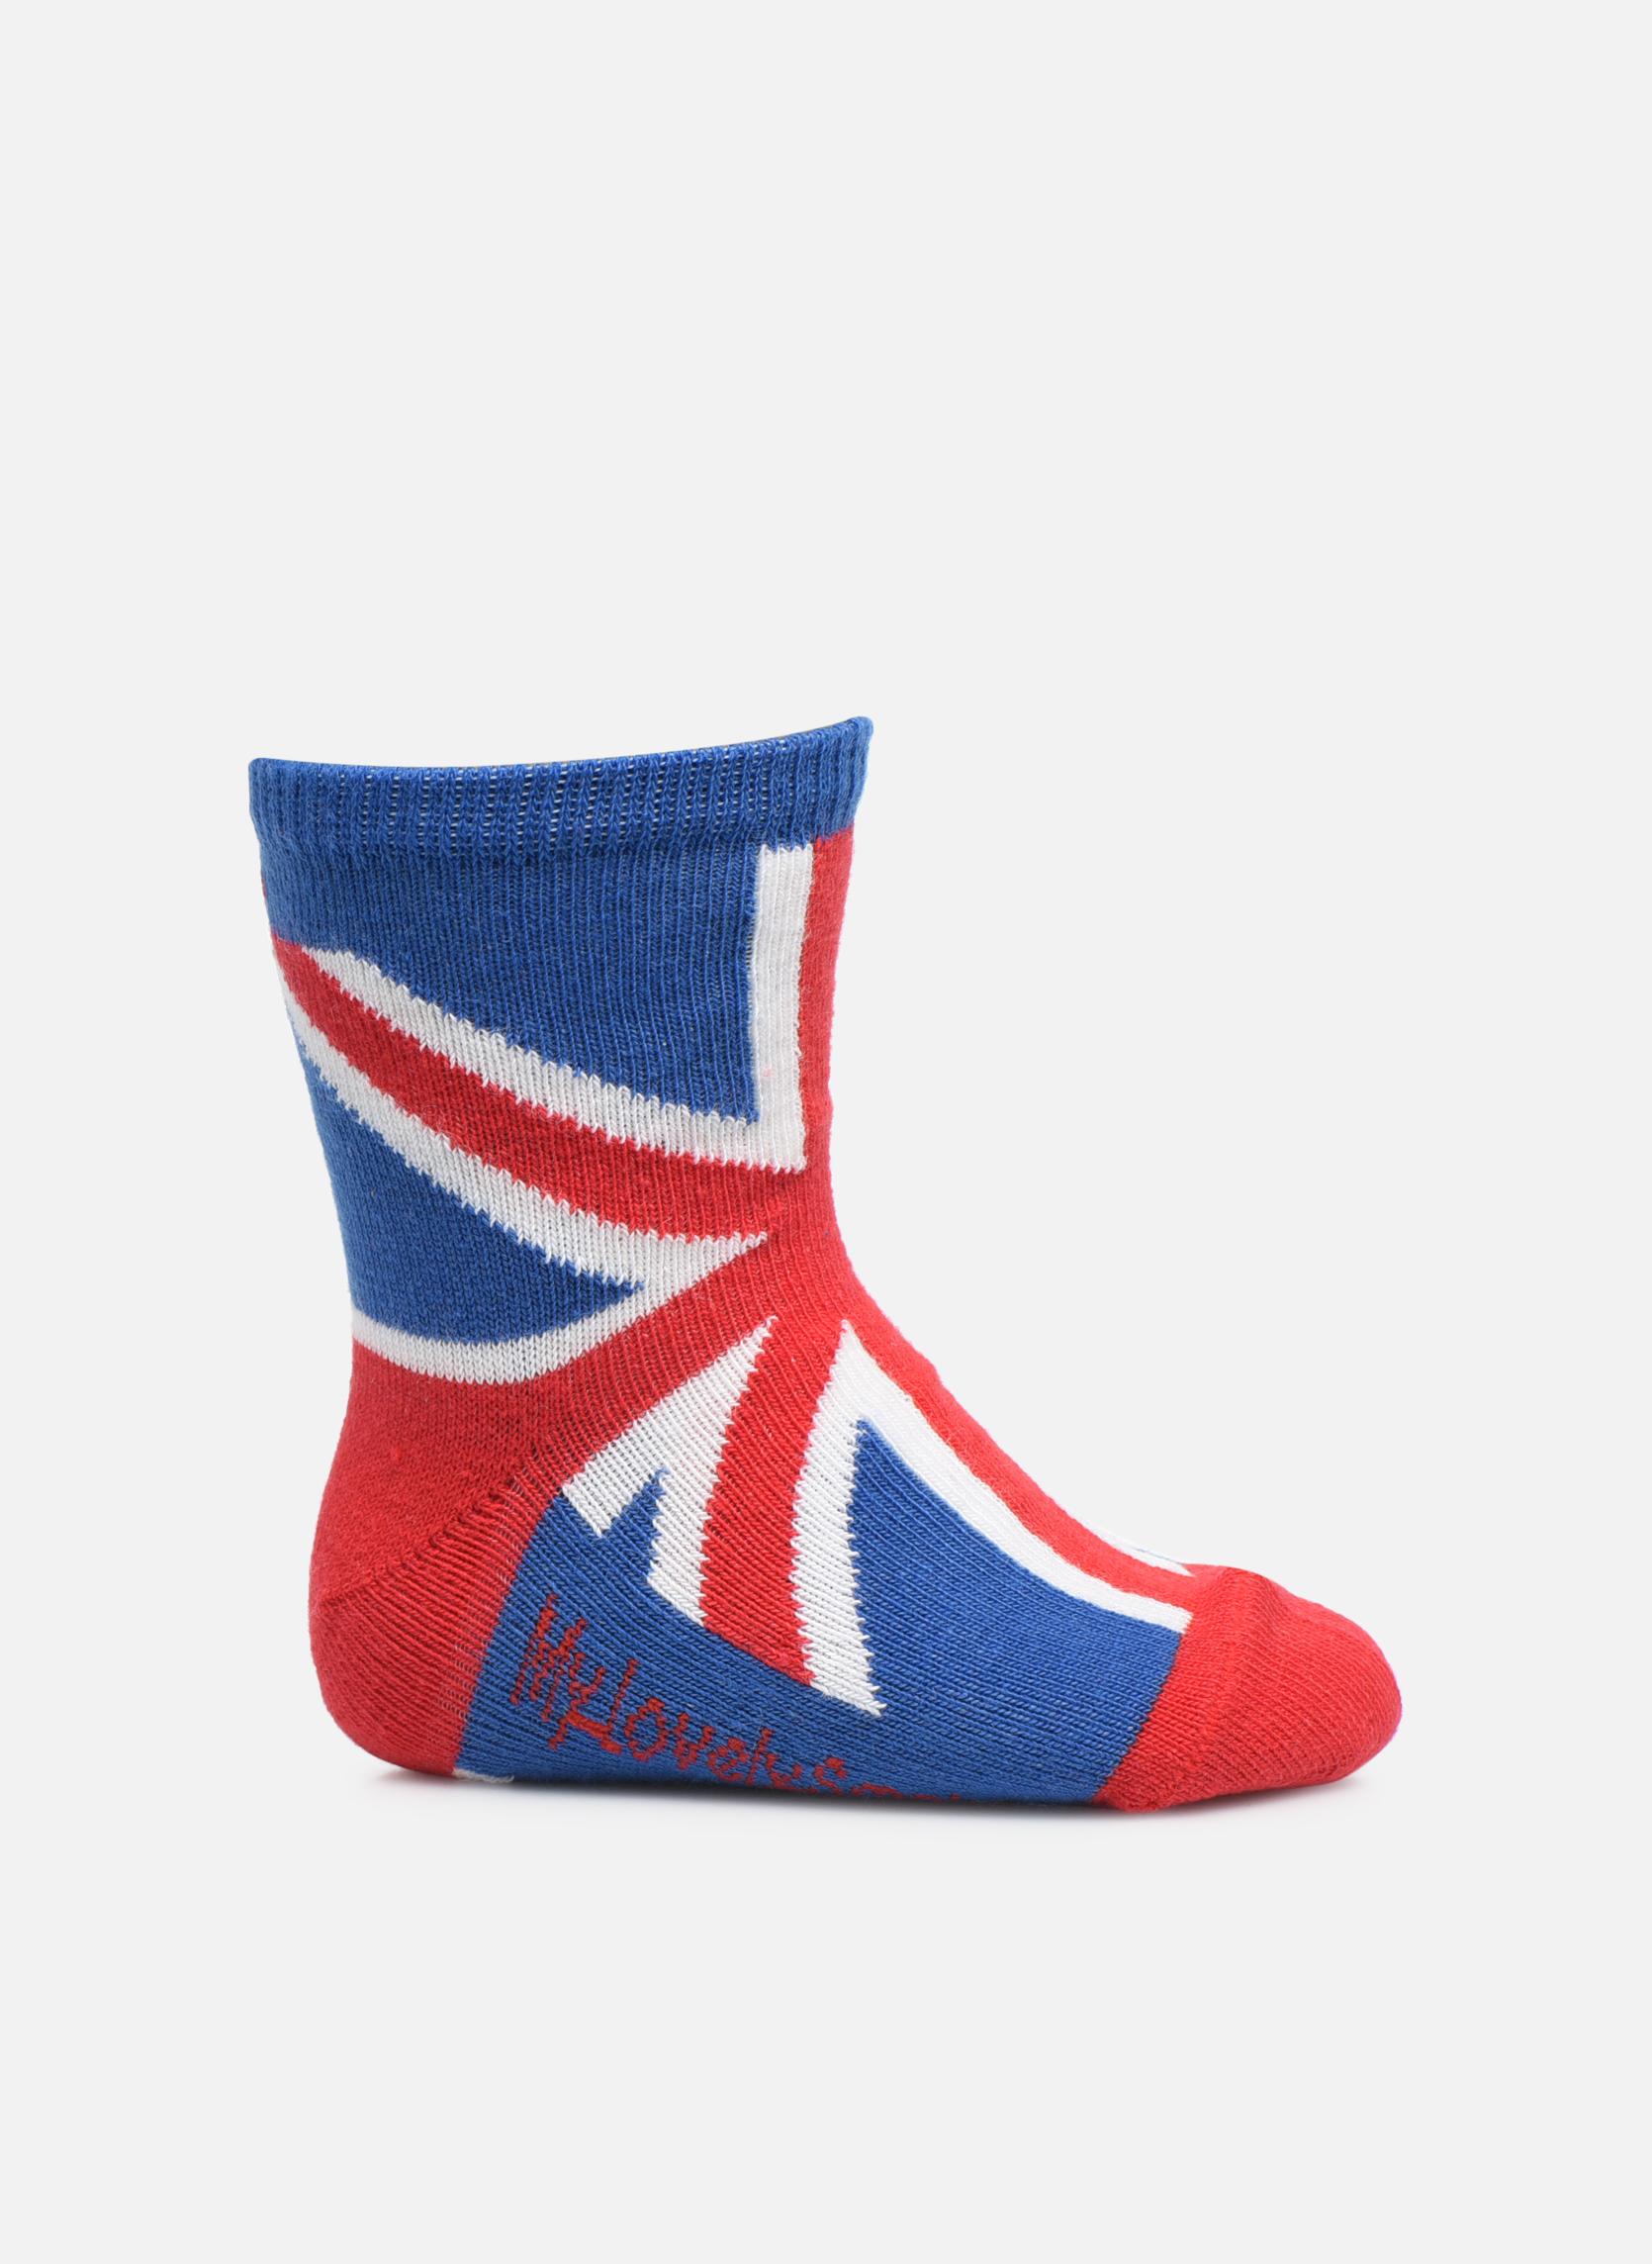 Jack drapeau anglais